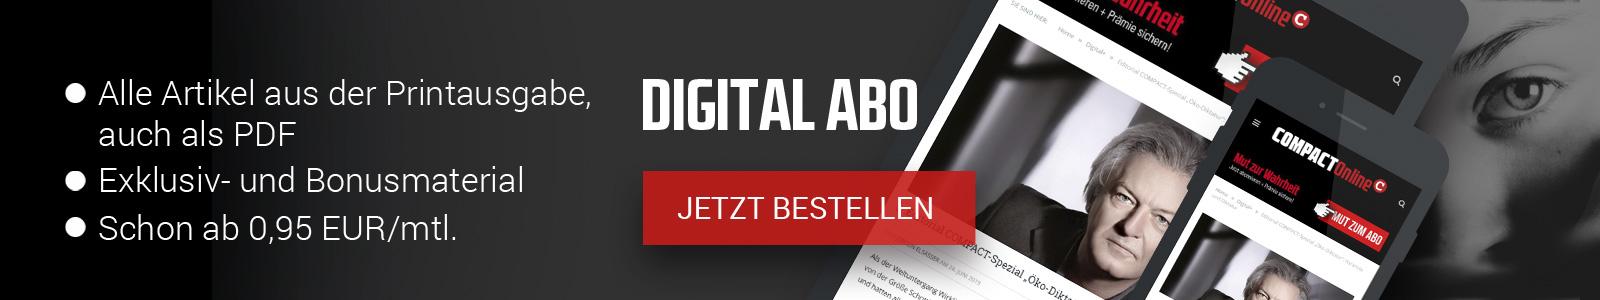 COMPACT DIGITAL+ - aller Artikel aus der Printausgabe, auch als PDF, Exklusiv- und Bonusmaterial, schon ab 0,95 €/mtl. - Jetzt bestellen!